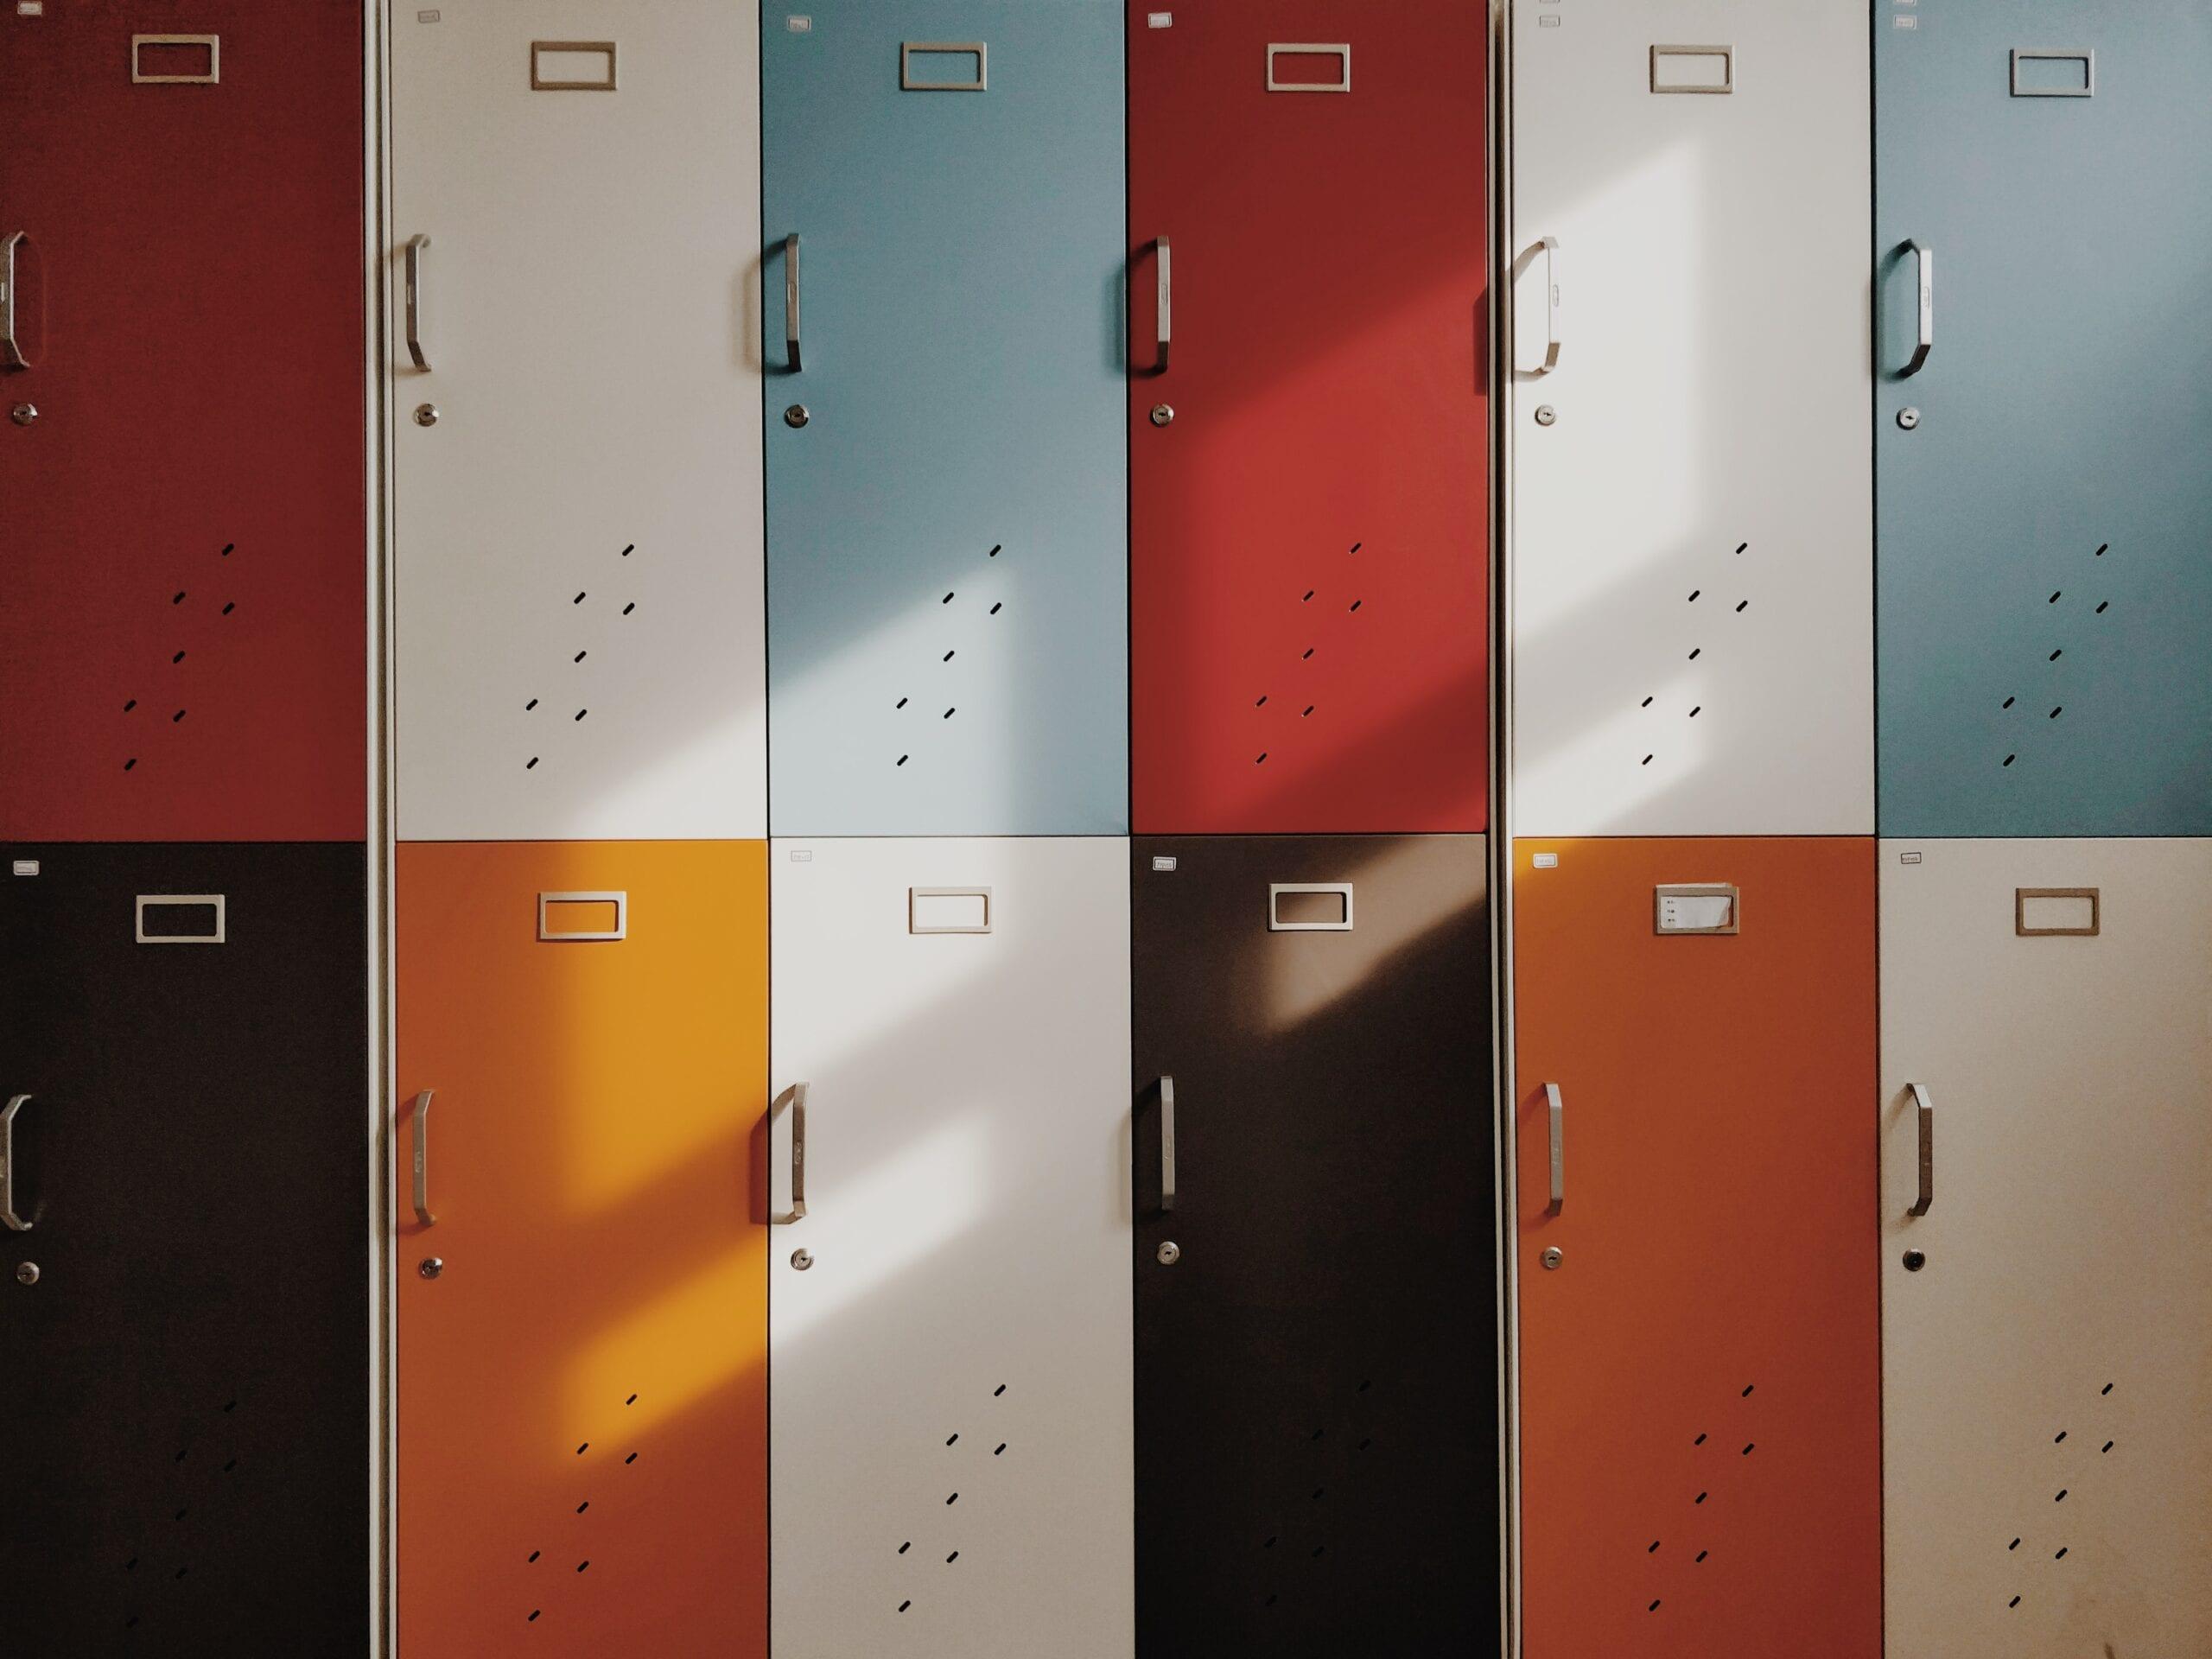 Schools in Colorado Springs